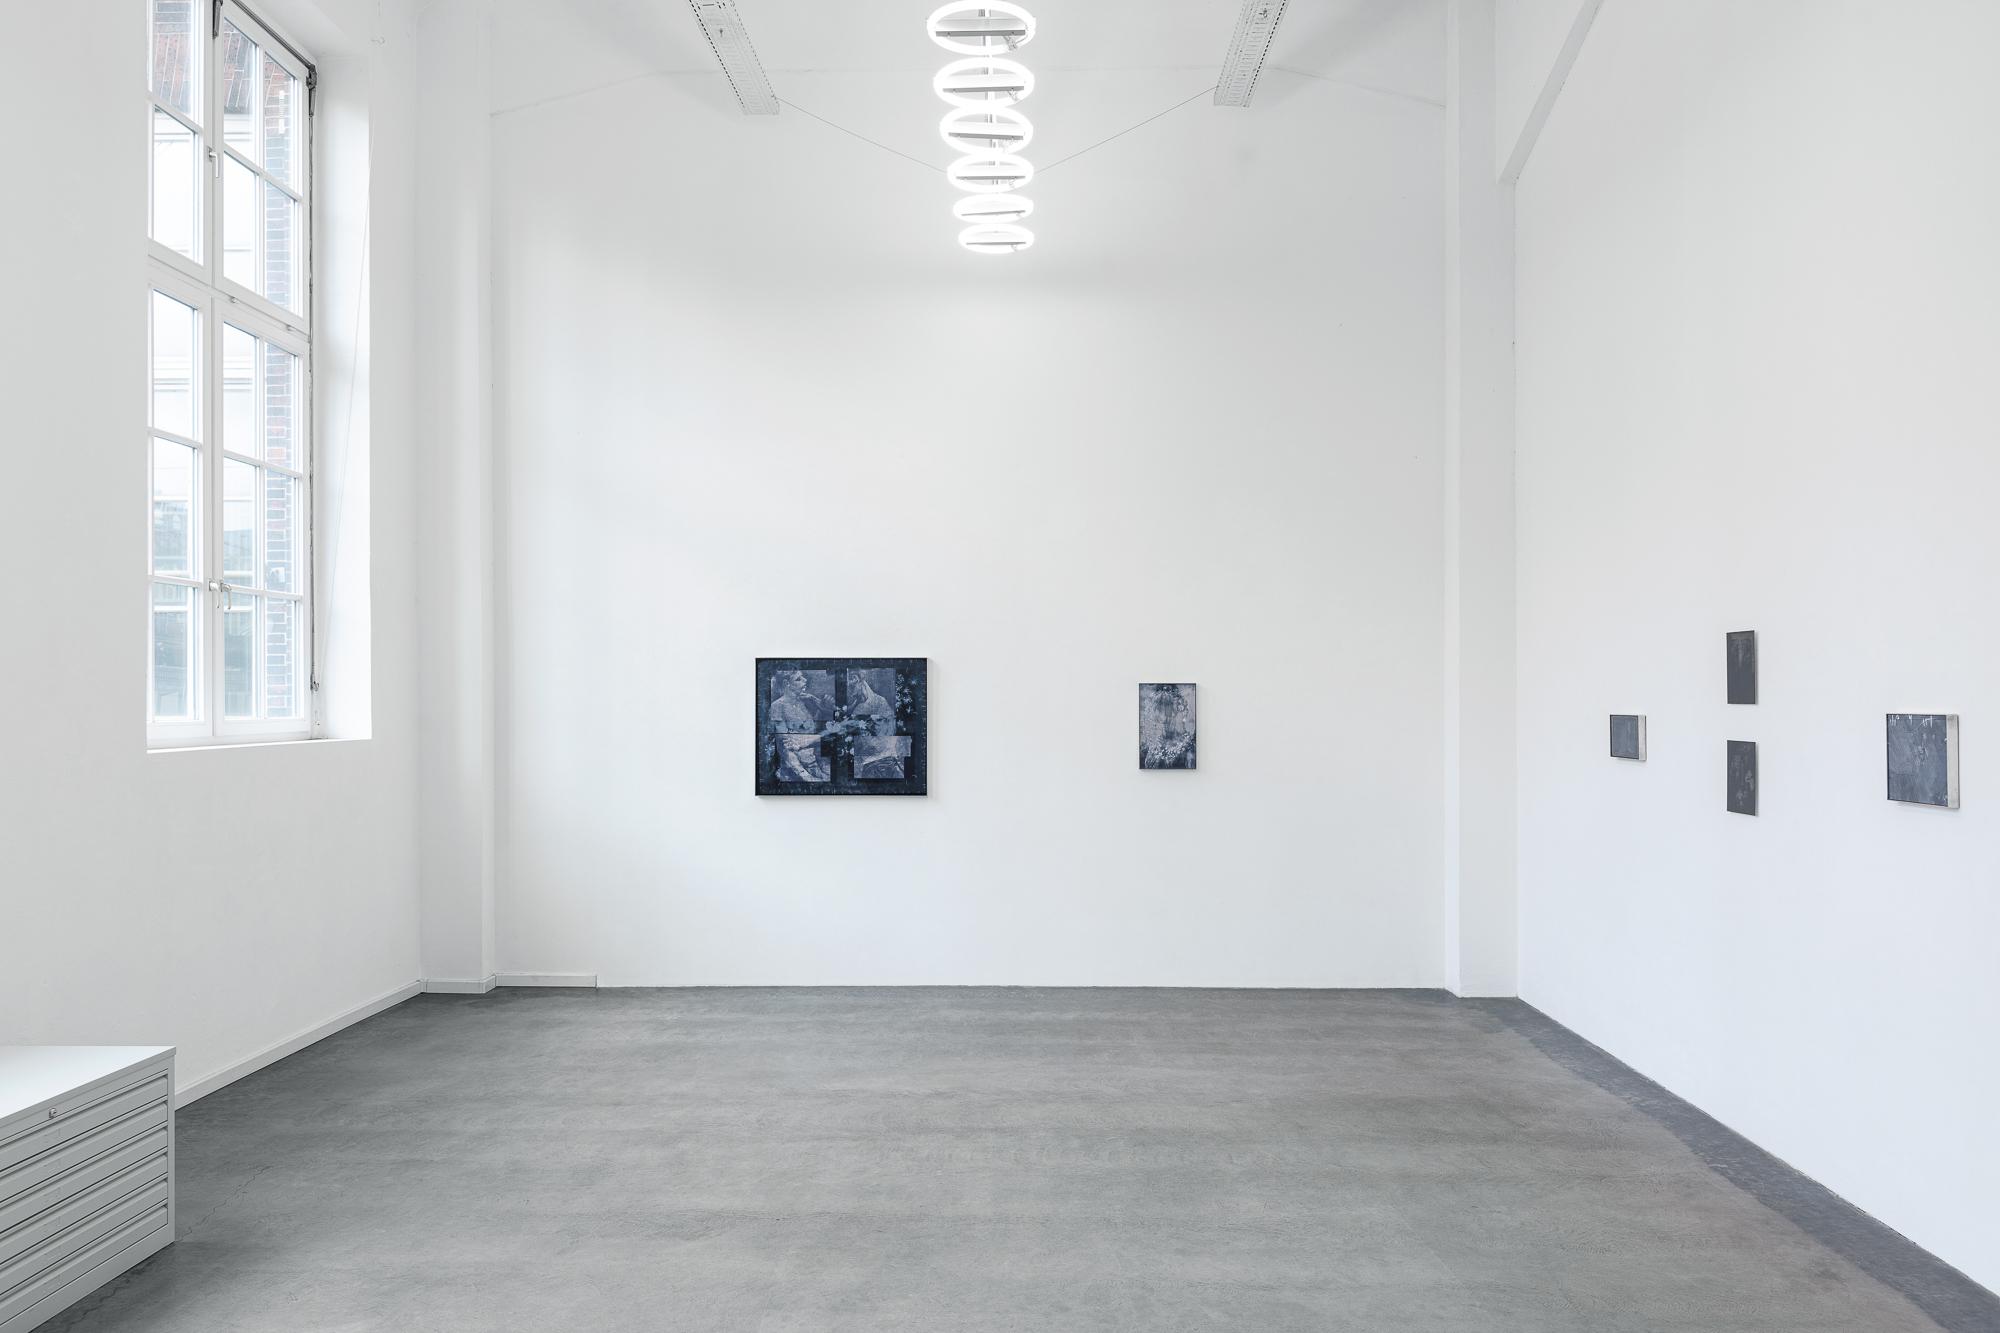 """Ausstellungsansicht """"FLORA"""" Soloausstellung Johanna Tiedtke, Galerie Hollstein von Mueller, Galeriehaus Hamburg"""